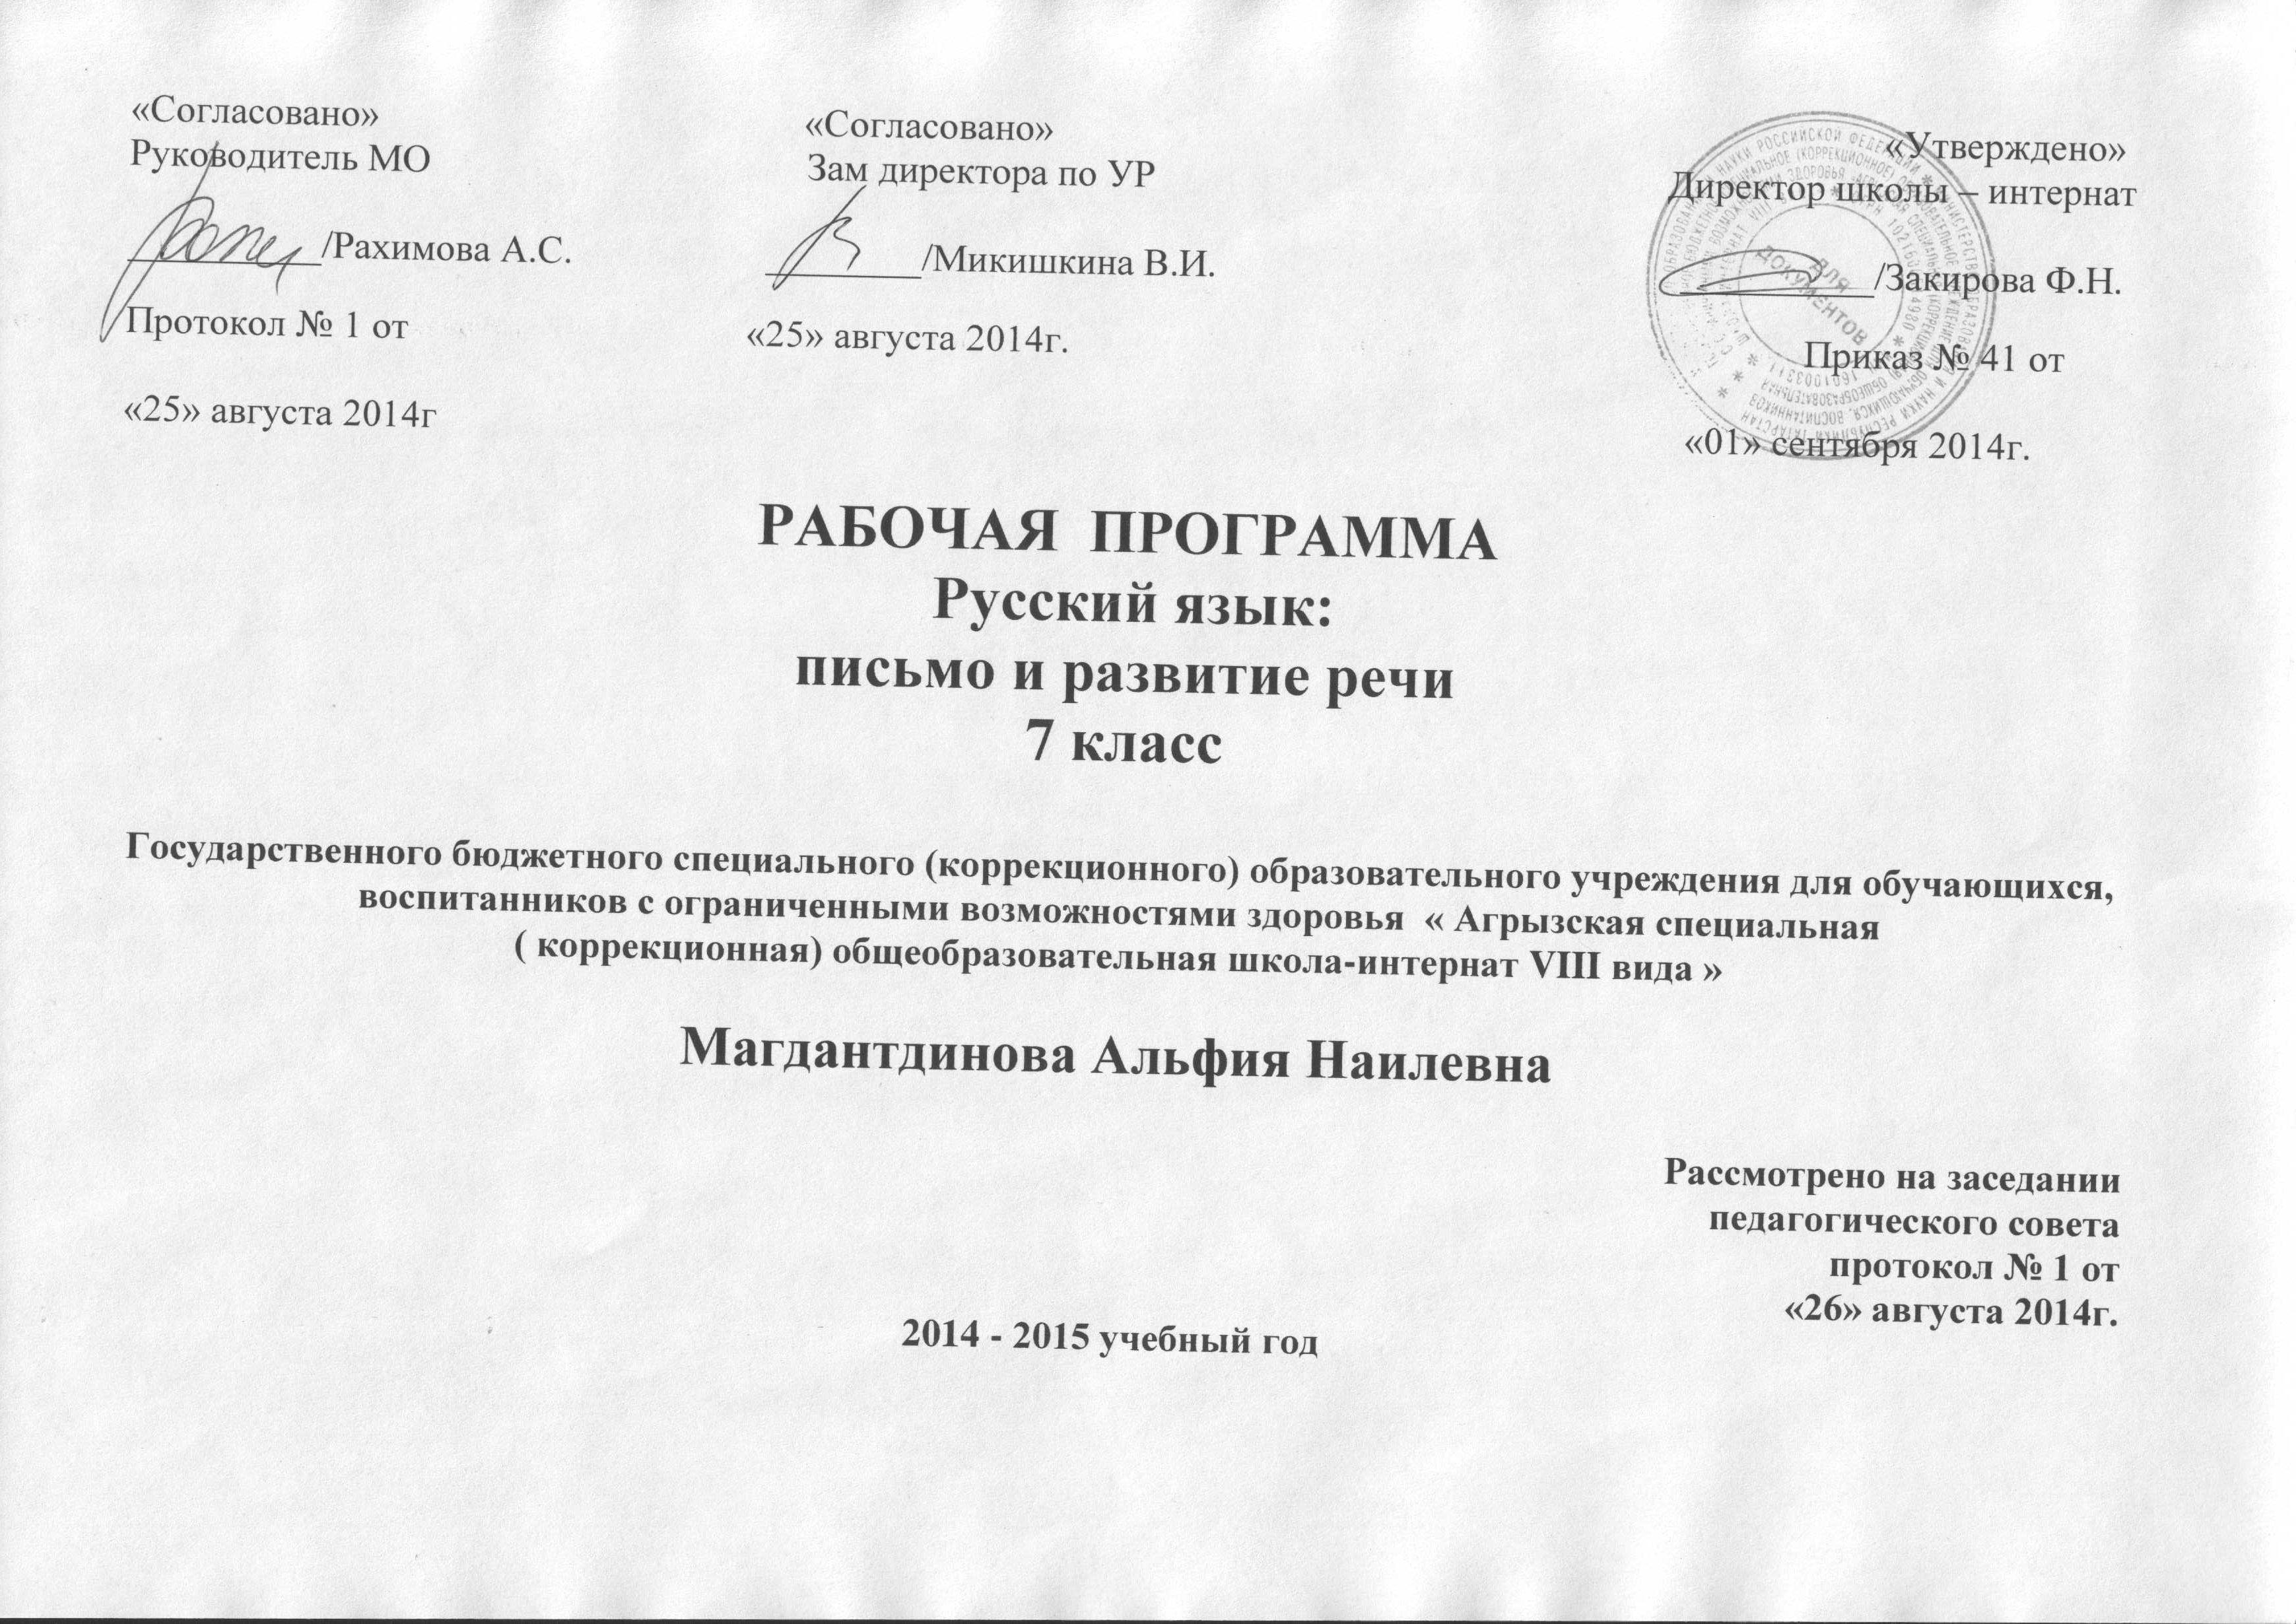 Конспект занятия по истории беларуссии для вспомогательной школы